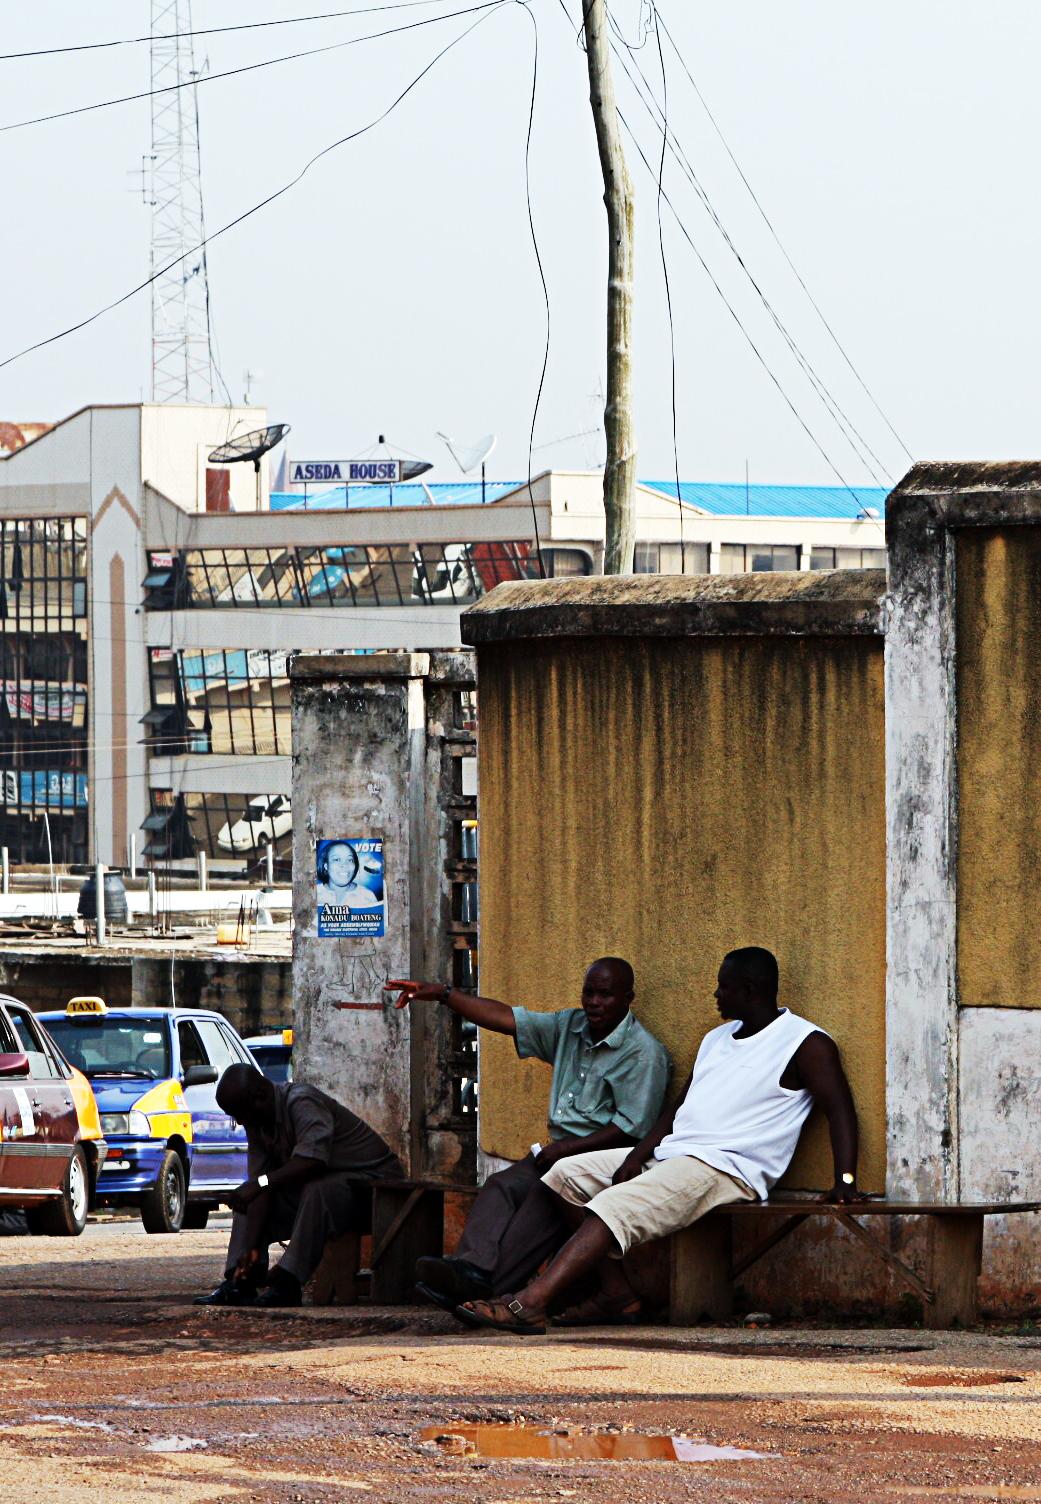 Reisebericht Ghana Urlaub Reise, Urlaub in Ghana, Rundreise Ghana, Backpacking Ghana